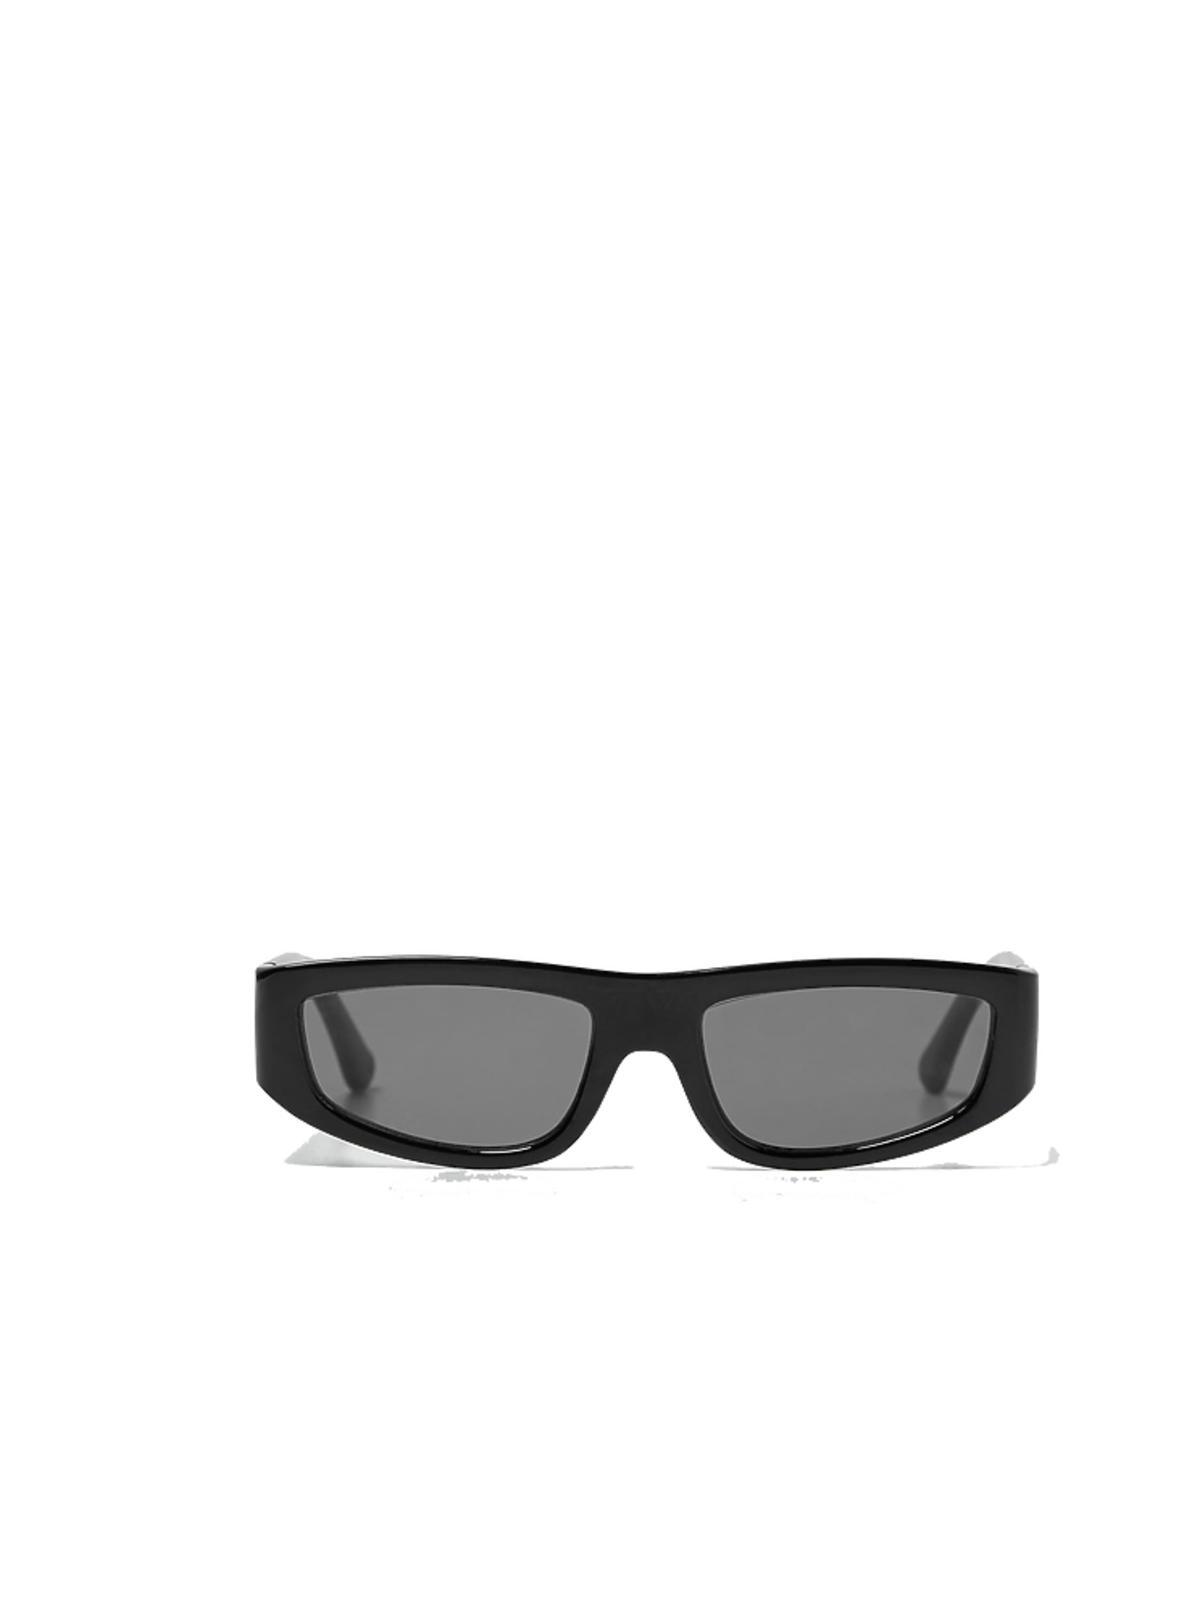 Szybkie okulary, 69,90 zł